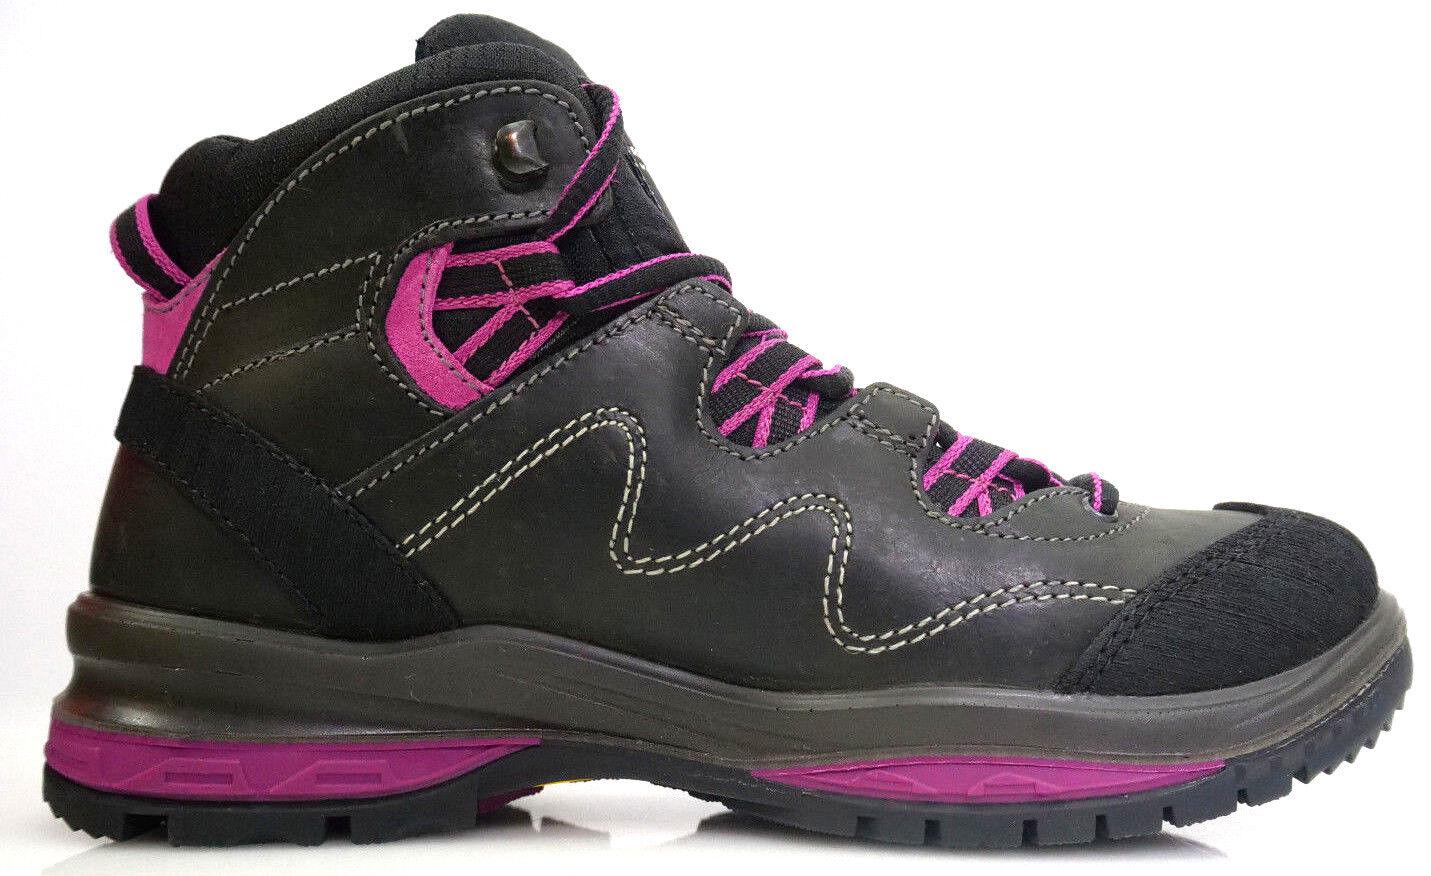 Schladminger 12529D93G Calz. Gr.37 Wanderschuhe Trekking Stiefel Schuhe Schuhe Schuhe Schwarz  | Moderner Modus  cf56bf